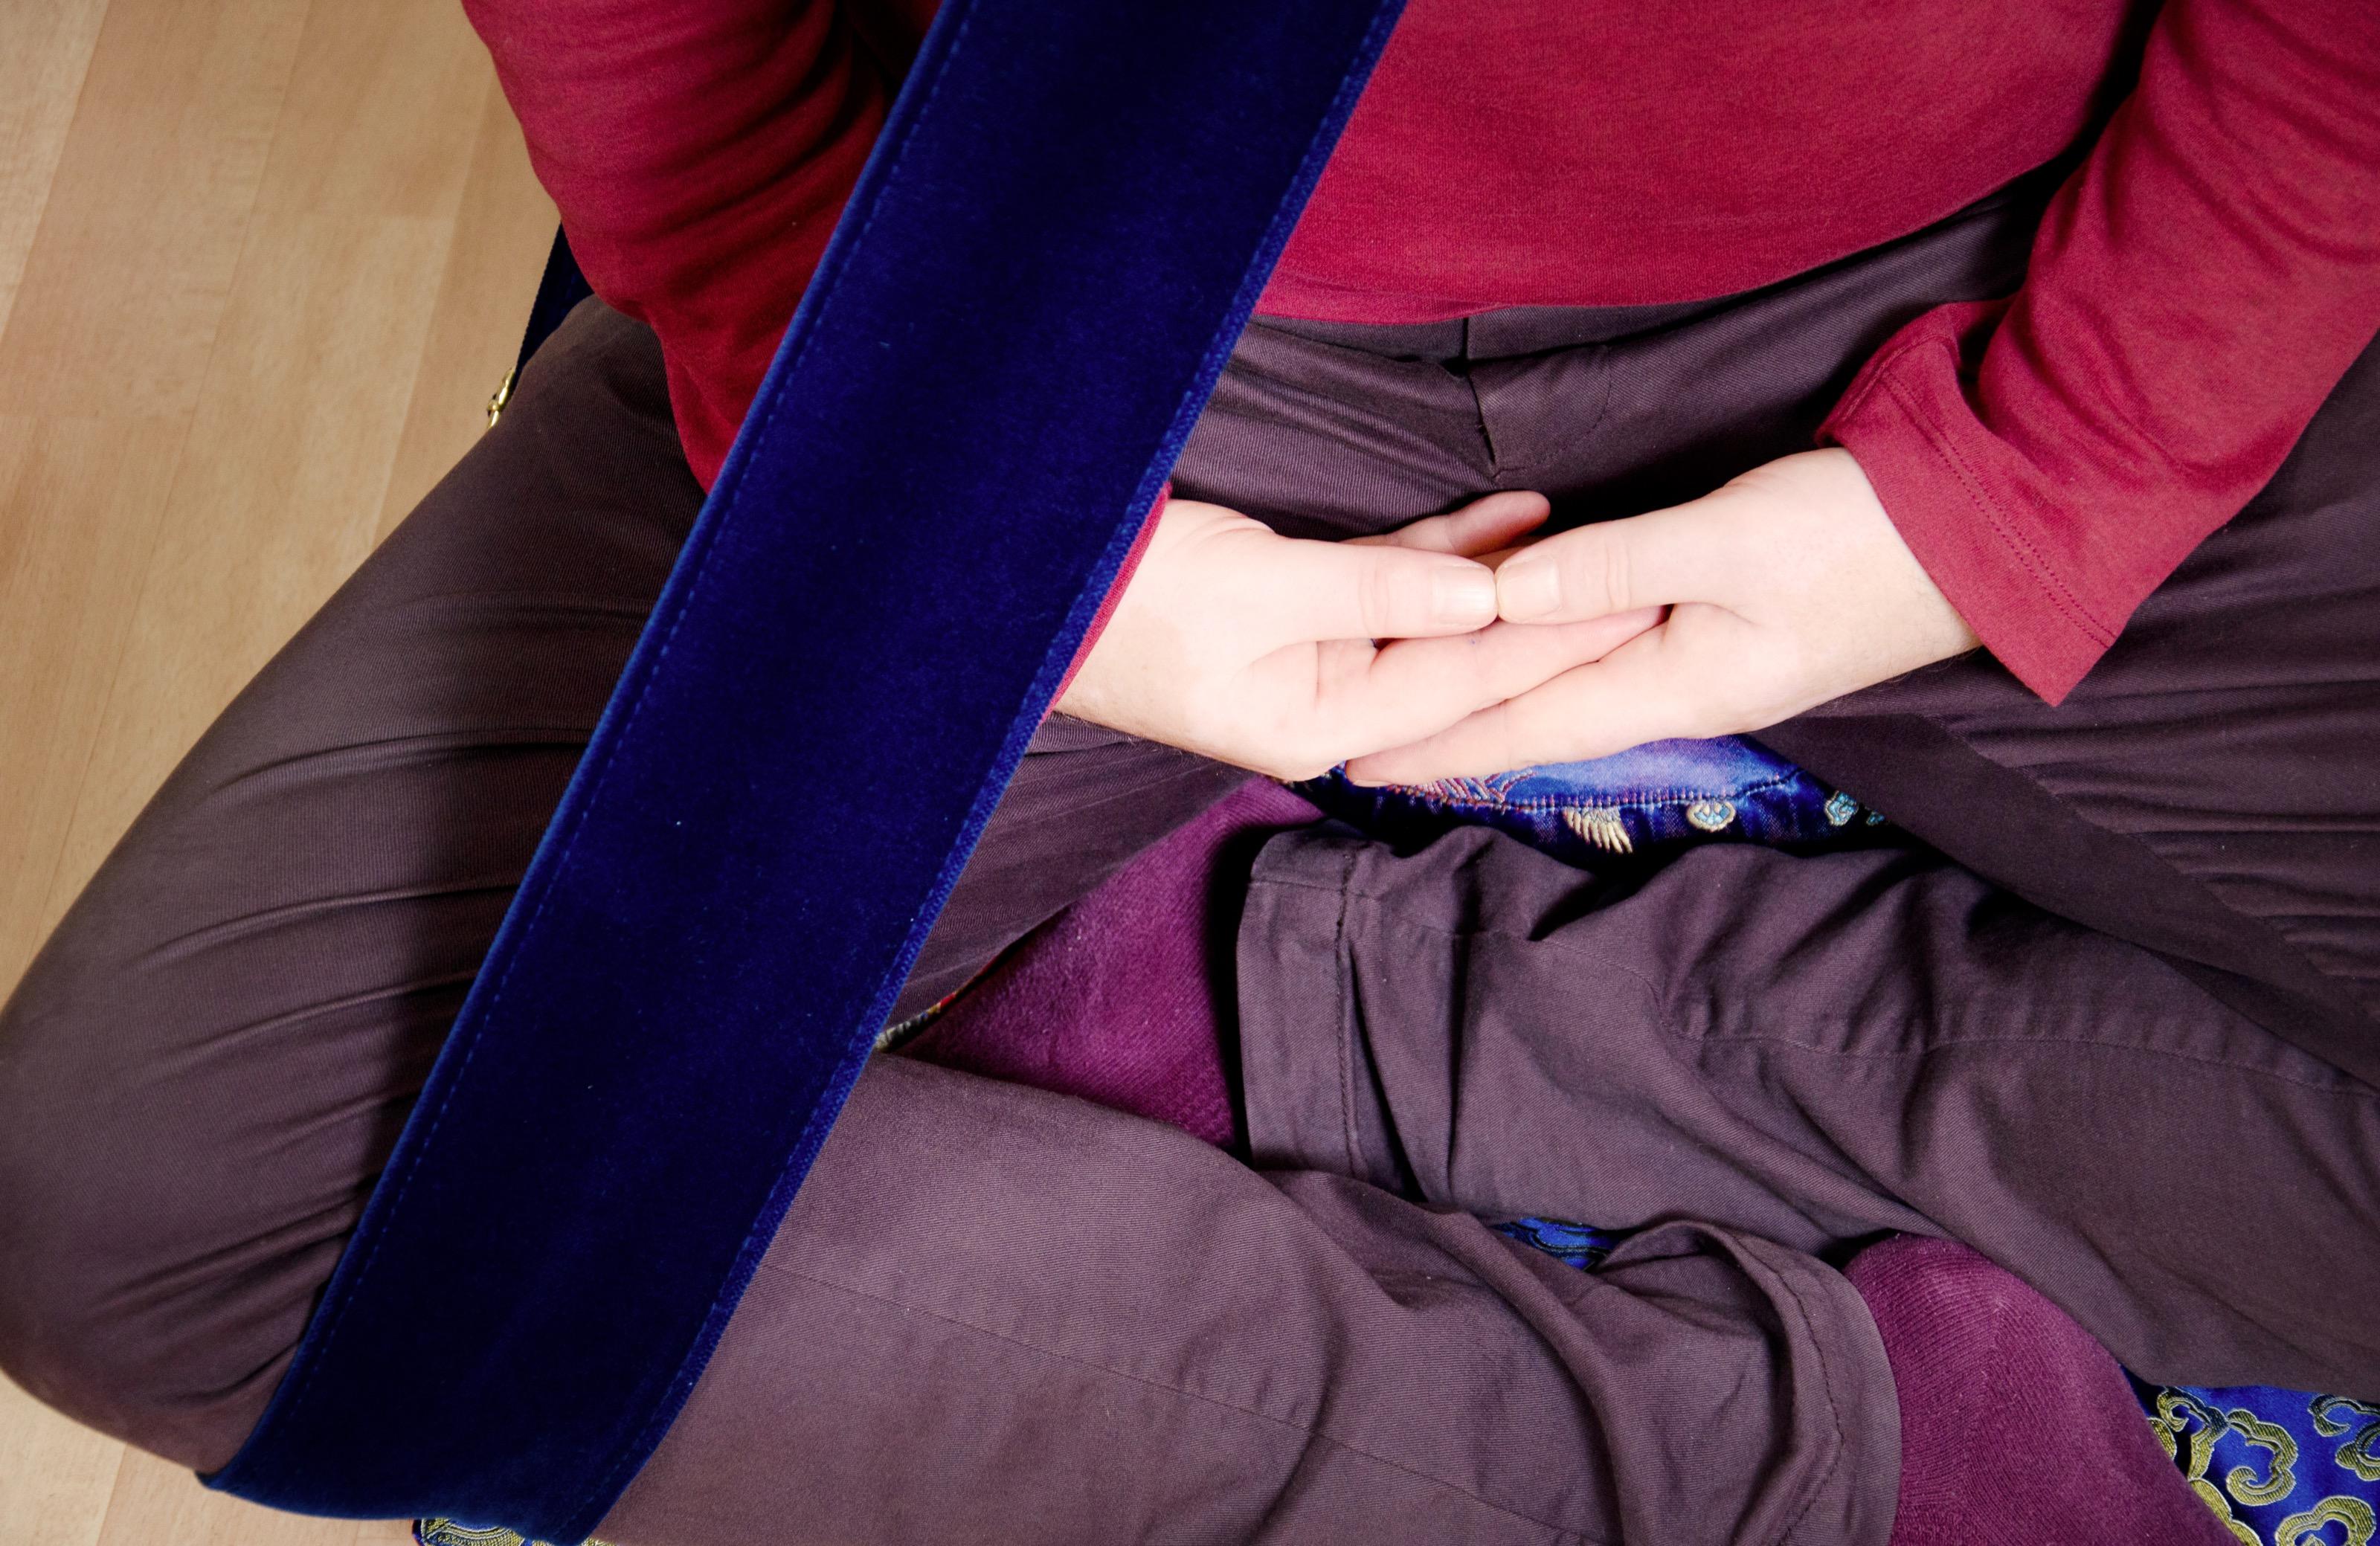 Meditation Gürtel in Sitze Position